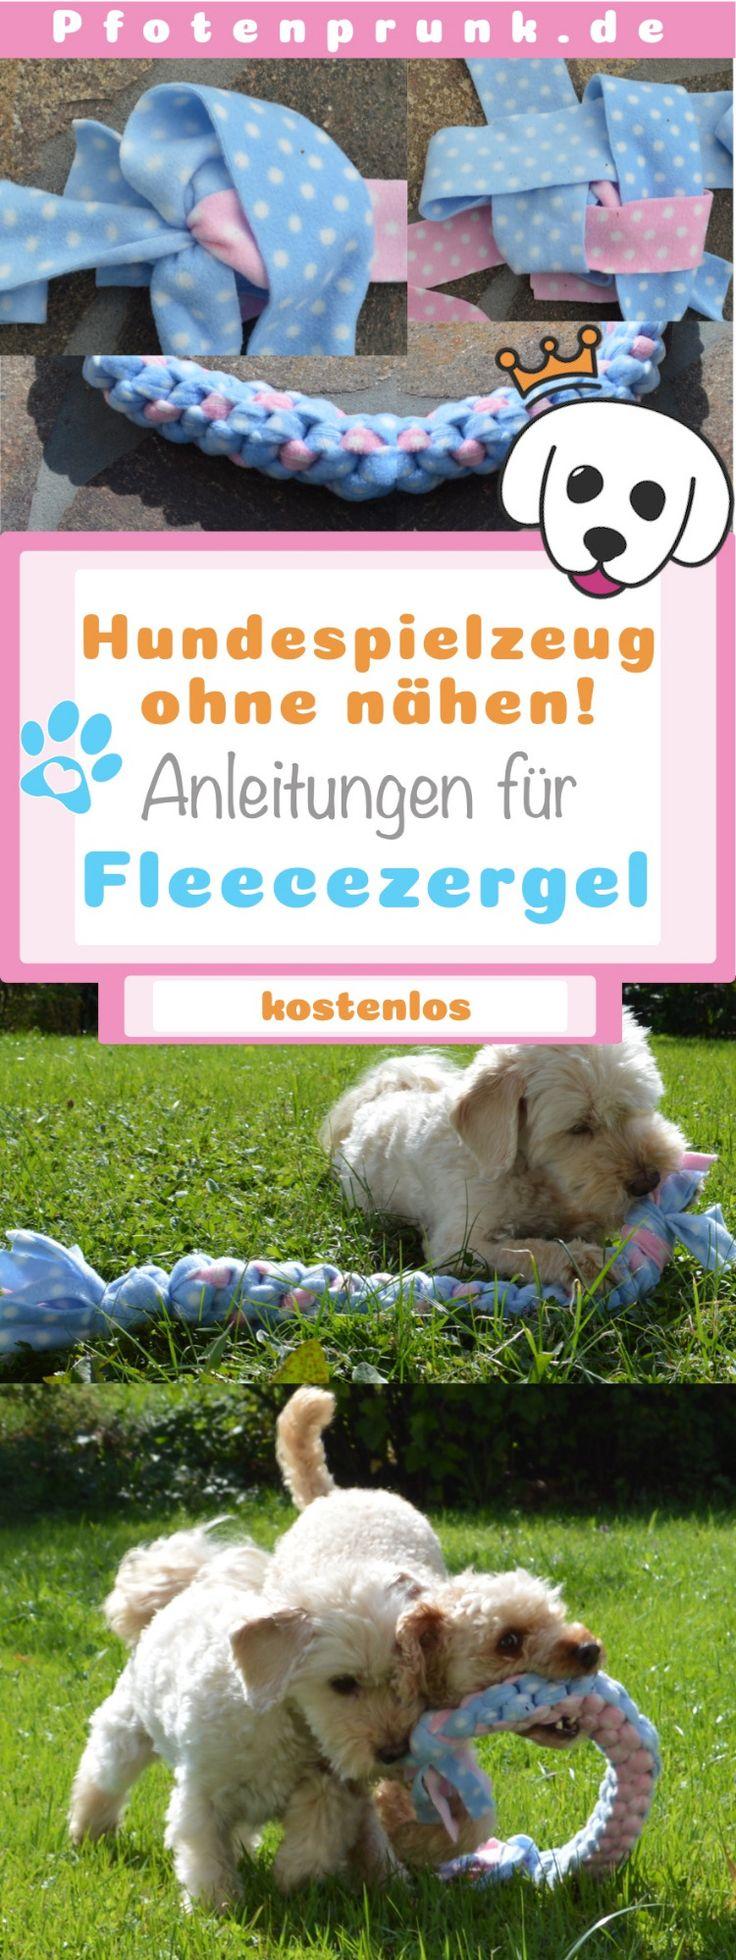 Zergel Hundespielzeug einfach selbermachen – ♥ Pfotenprunk DIY – Anleitungen für Hunde (Hundehalsband, Geschirr, Leine, Basteln, Nähen, Betten, Halsband)